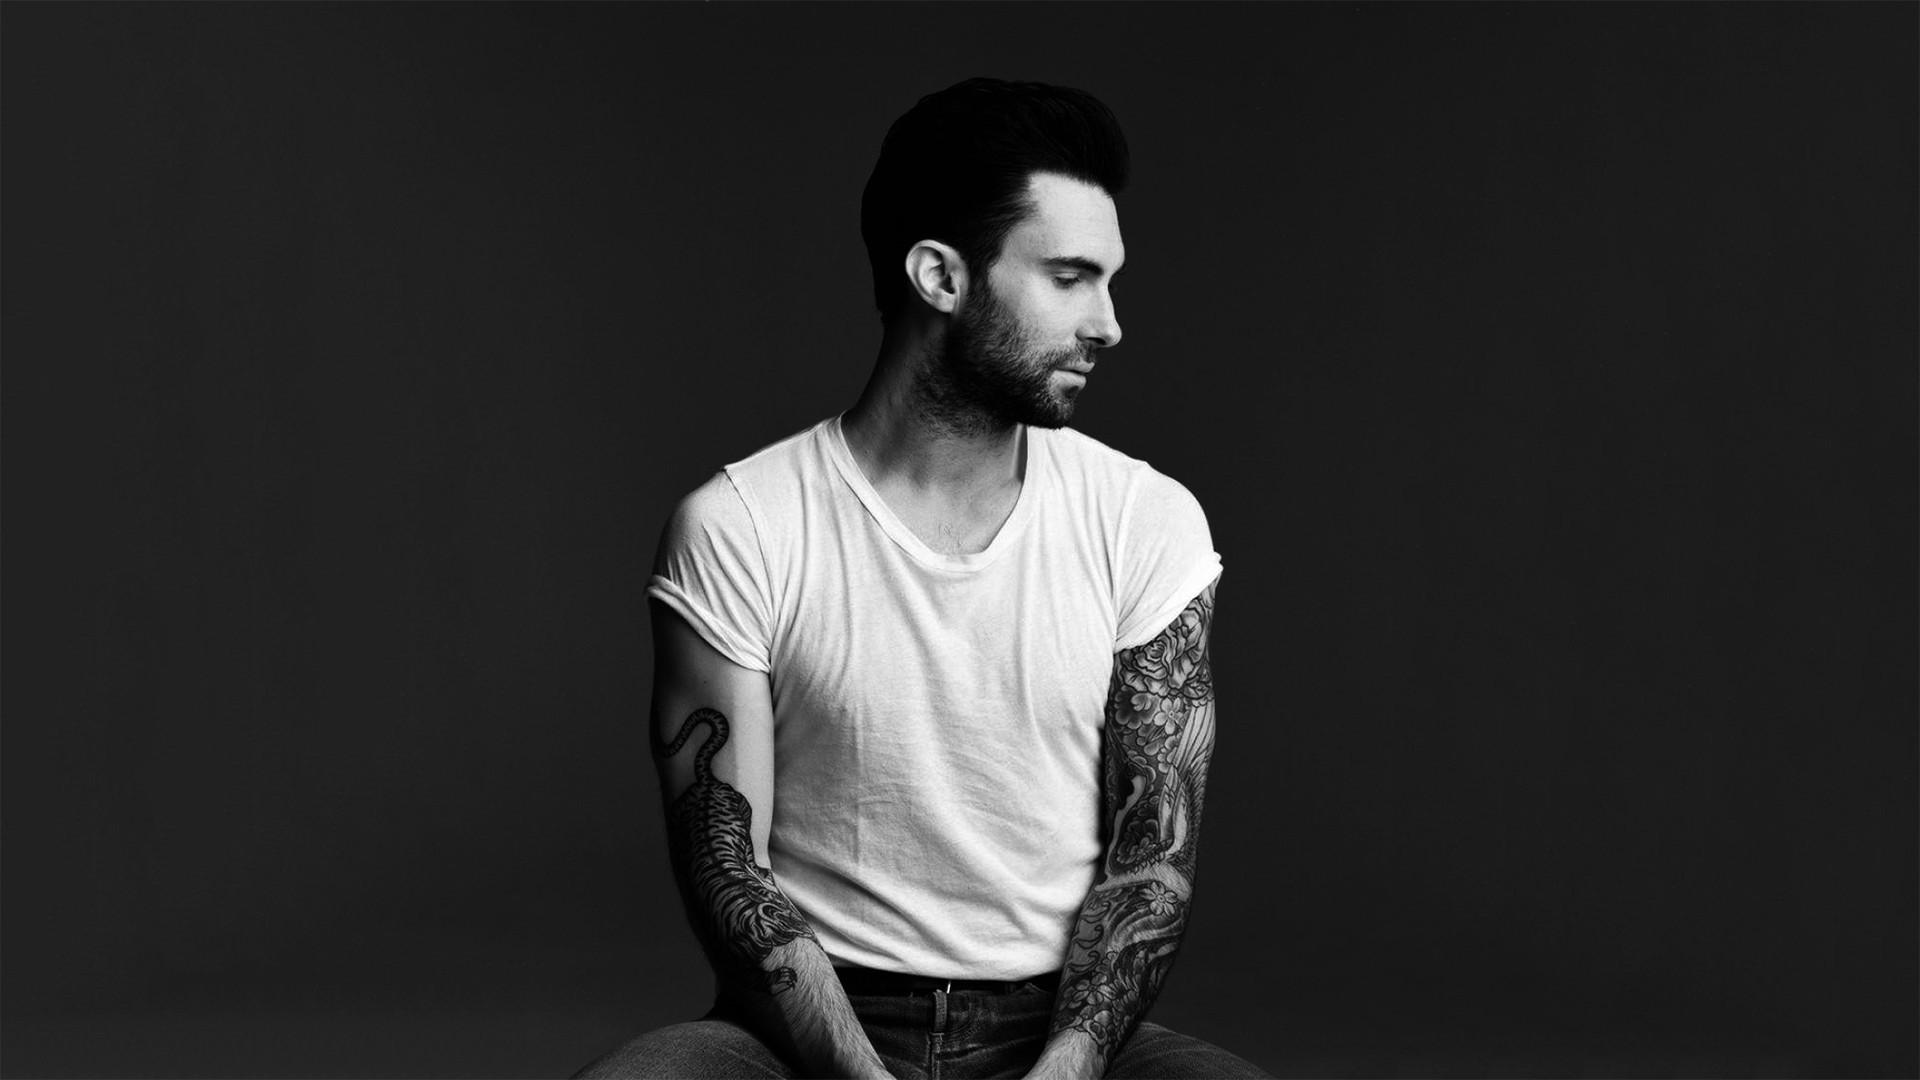 Adam Levine Wallpaper